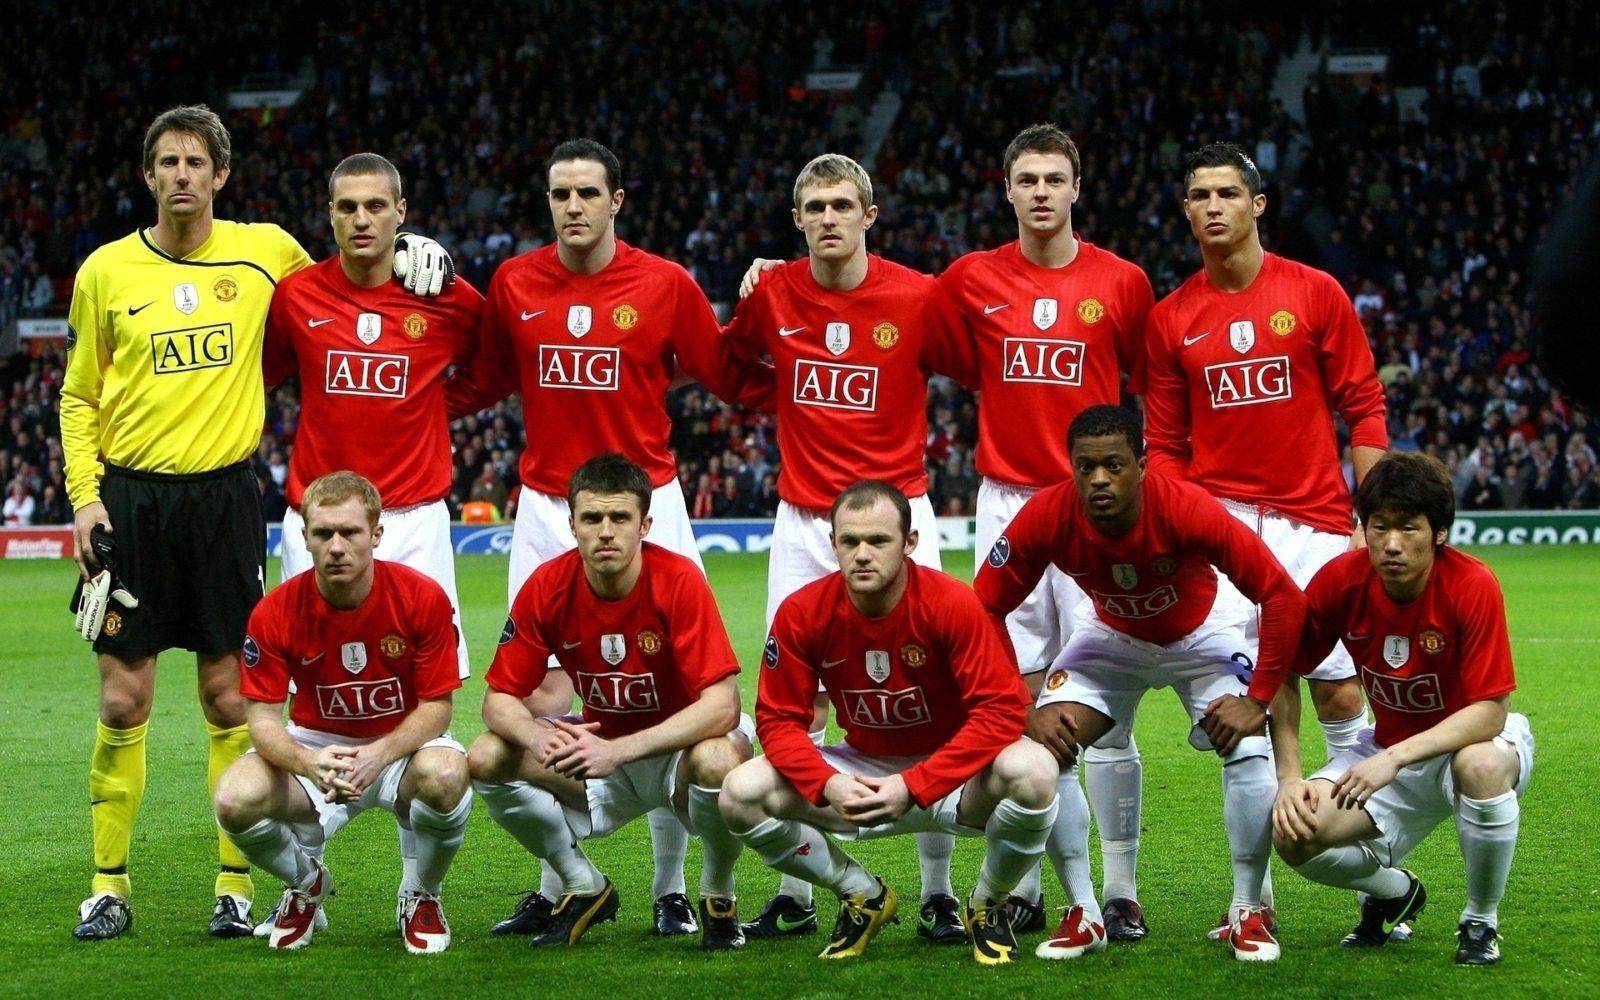 Манчестер Юнайтед: цели клуба, тренер и трансферы